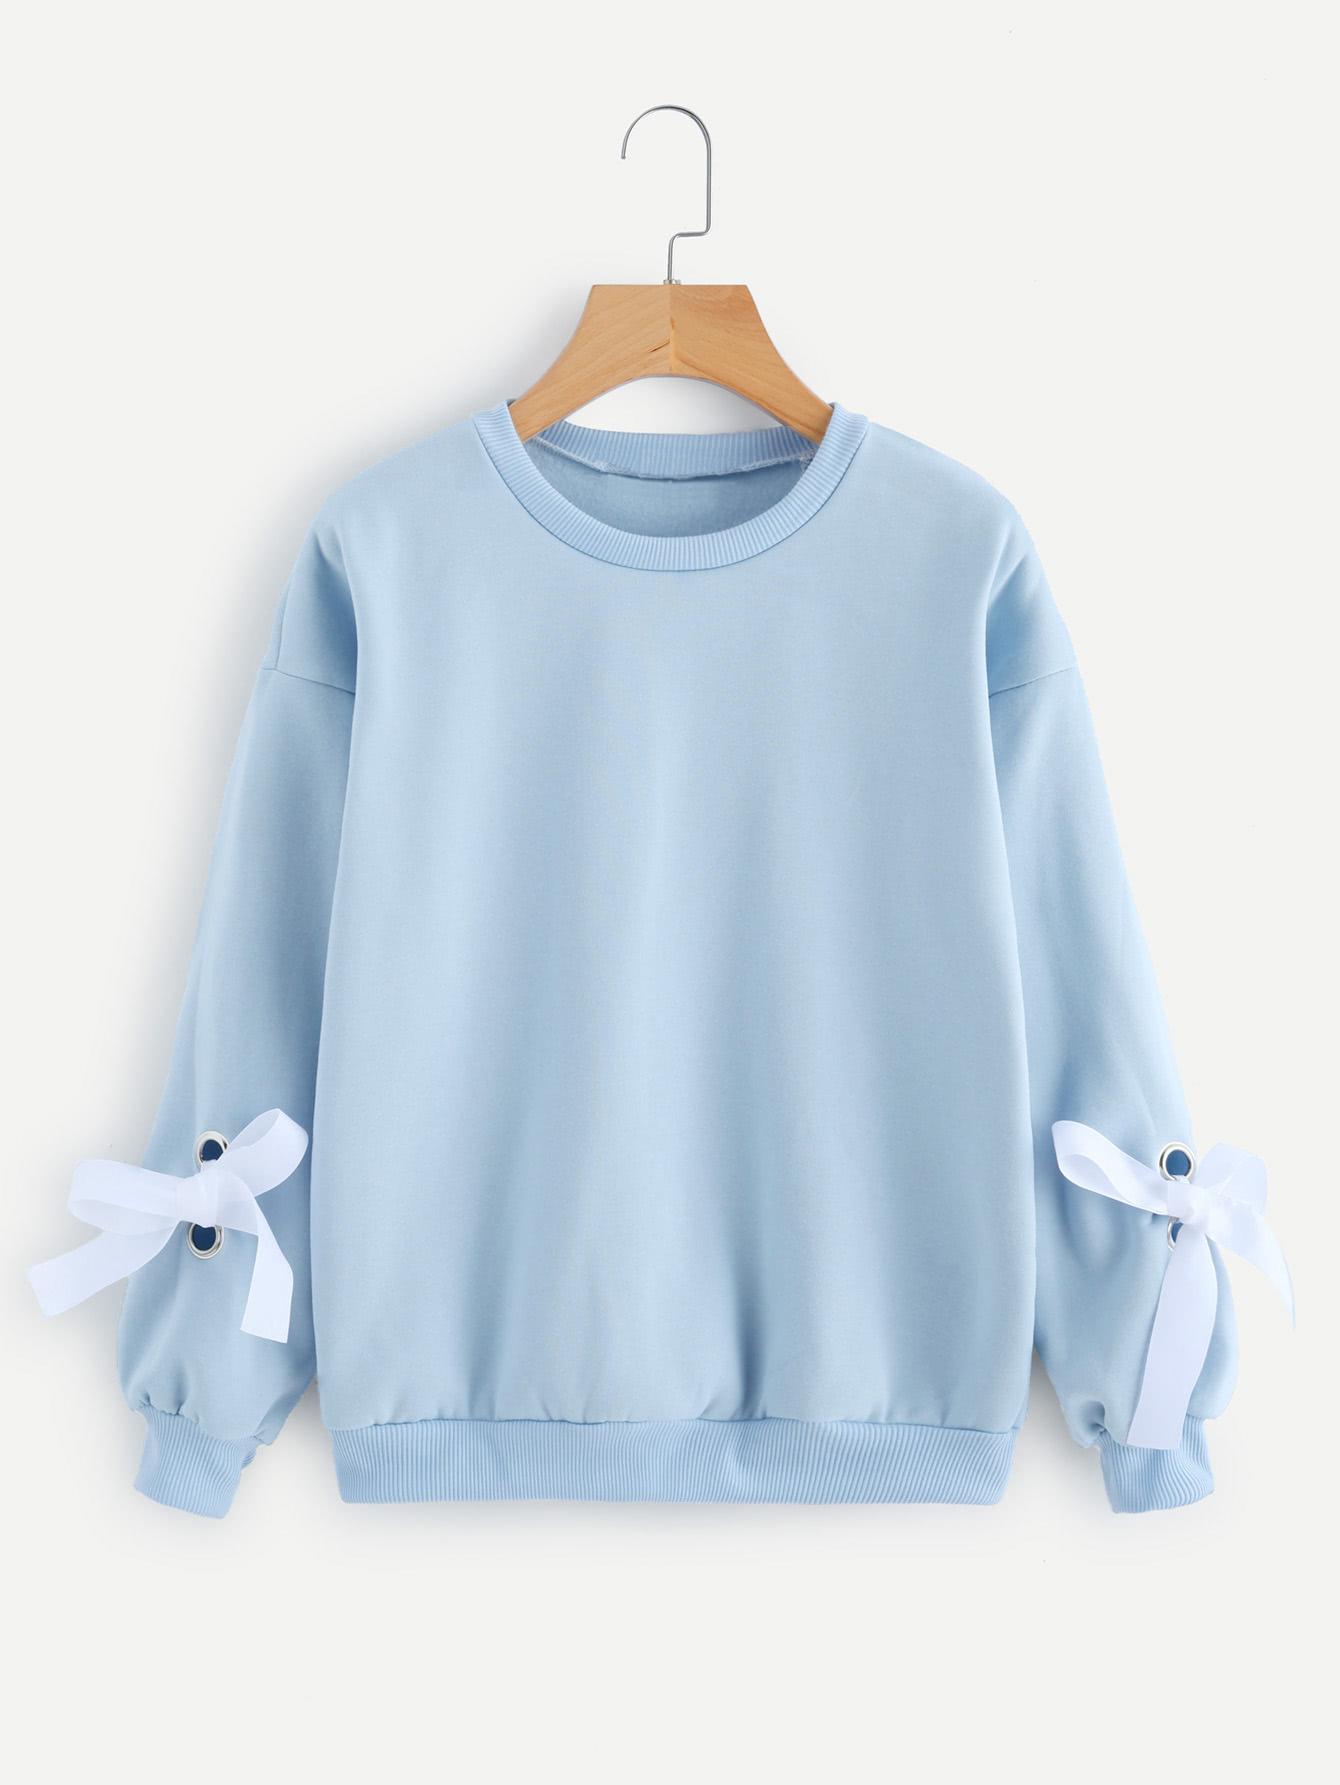 Eyelet Tie Sleeve Sweatshirt